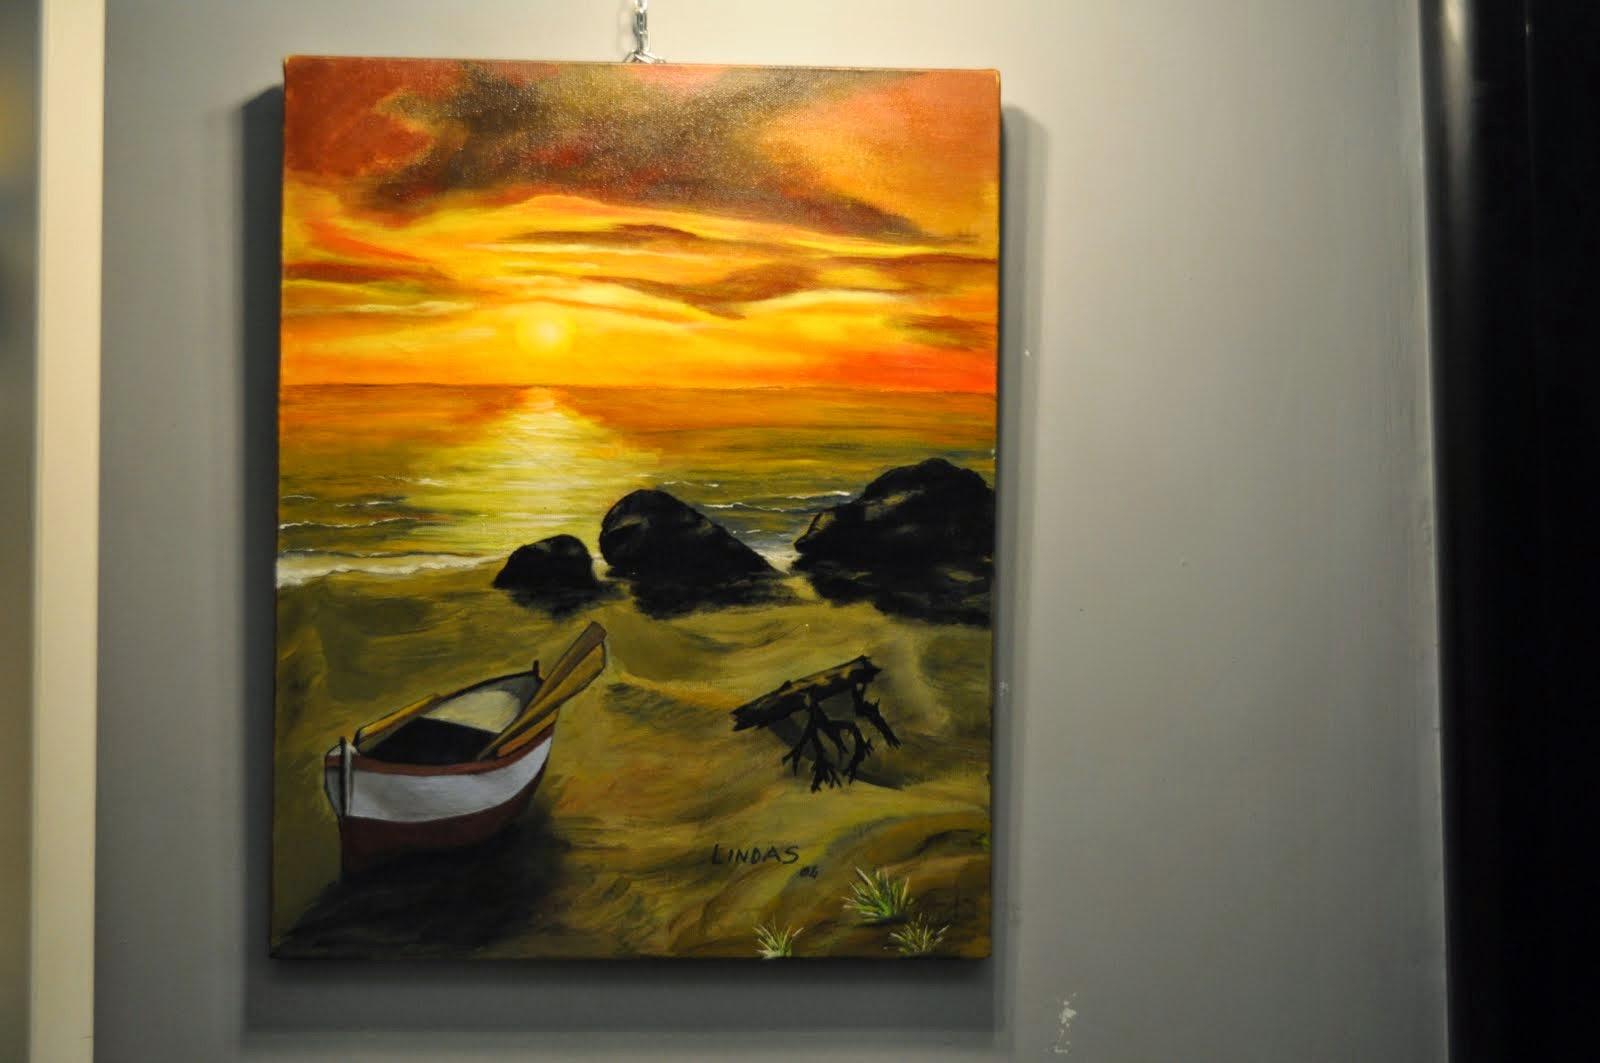 Dipinto di Linda Stagni